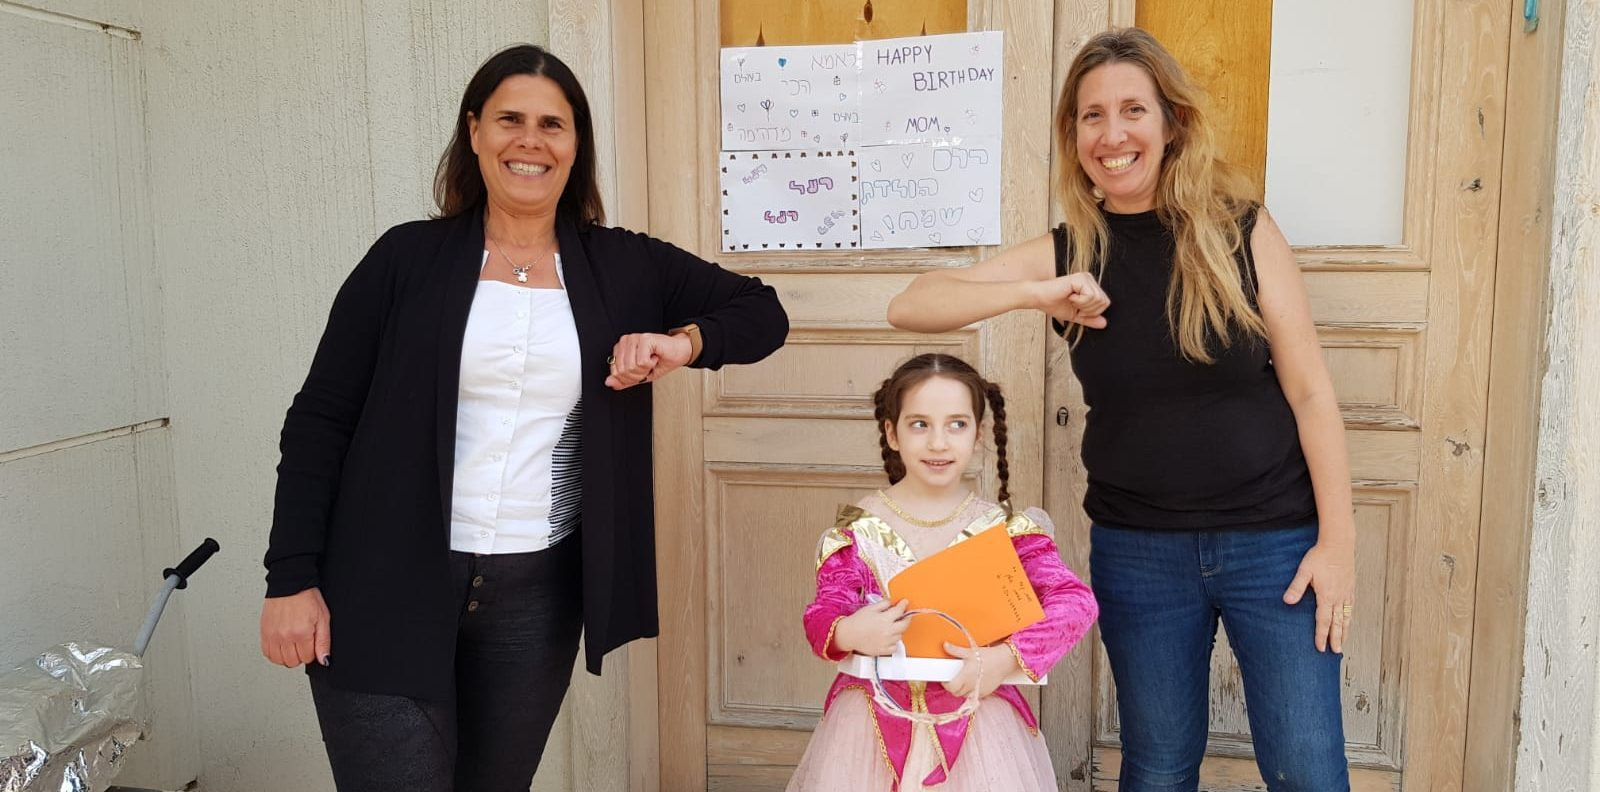 ליזי דלריצ׳ה חוגגת יום הולדת לילדים מבודדים בתקופת הקורונה